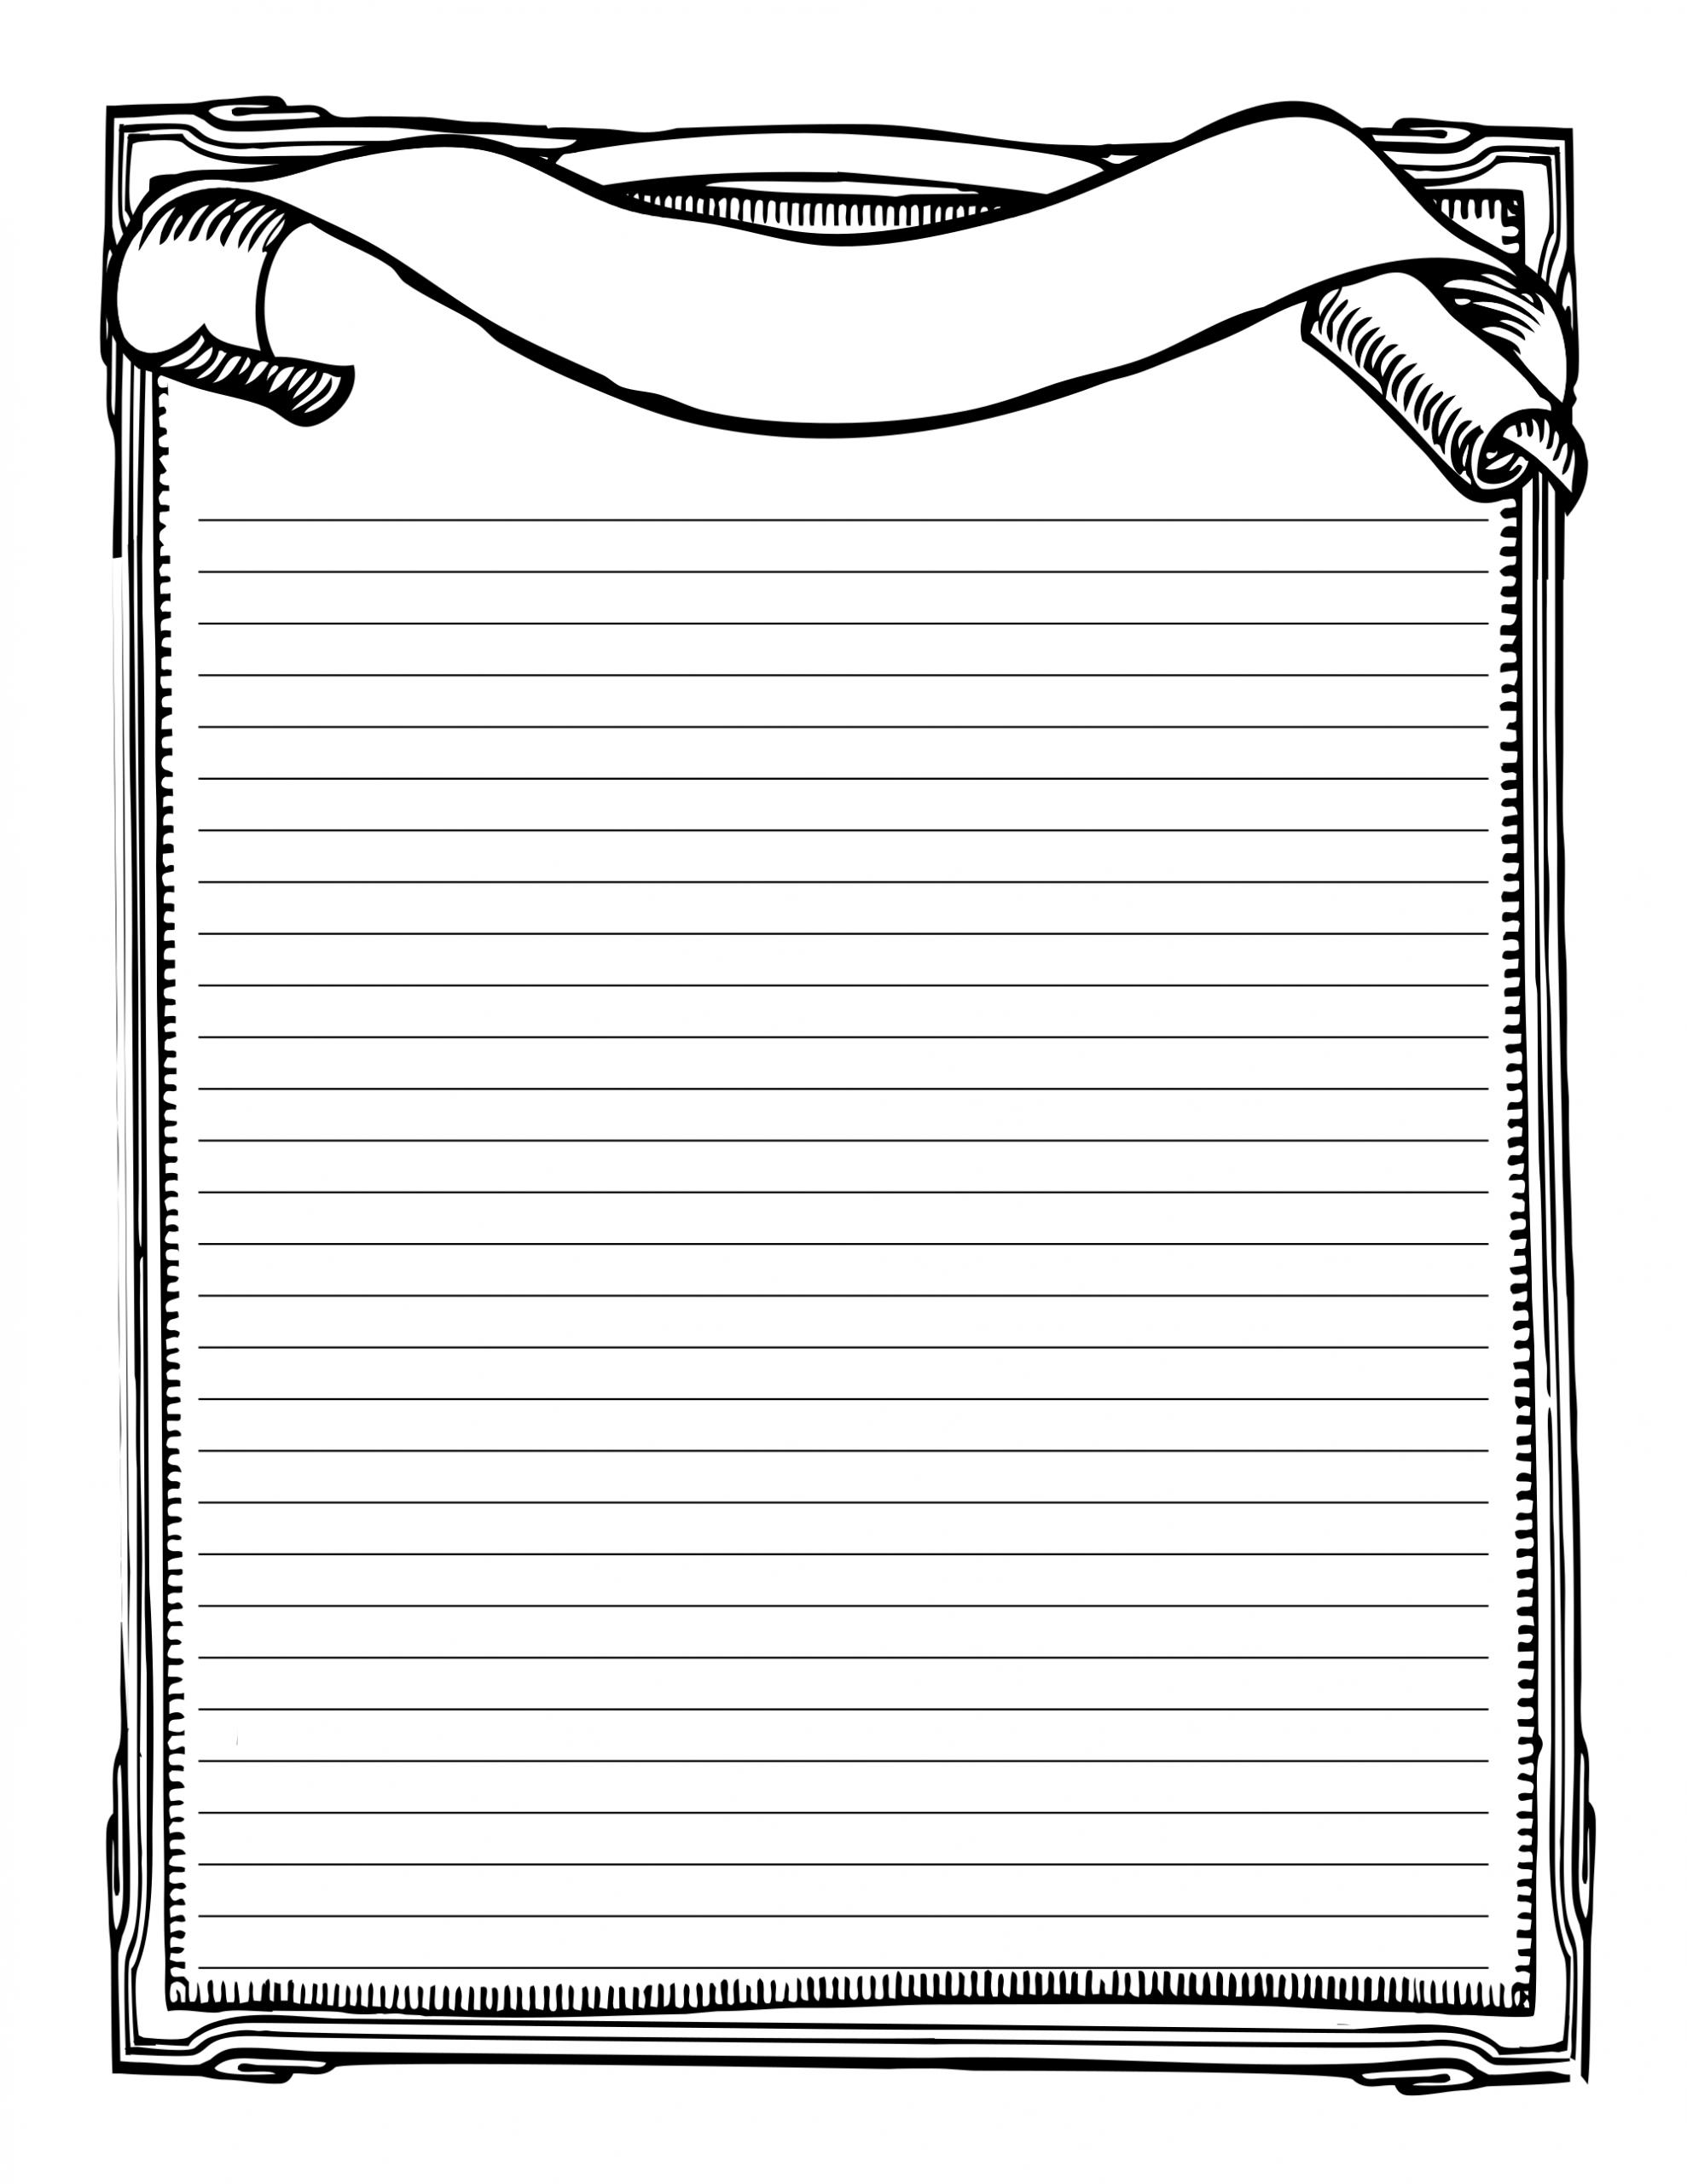 Épinglé Par Hadjira Belarouci Sur كلمات | Livres Des Ombres destiné Imprimer Un Livre Gratuitement